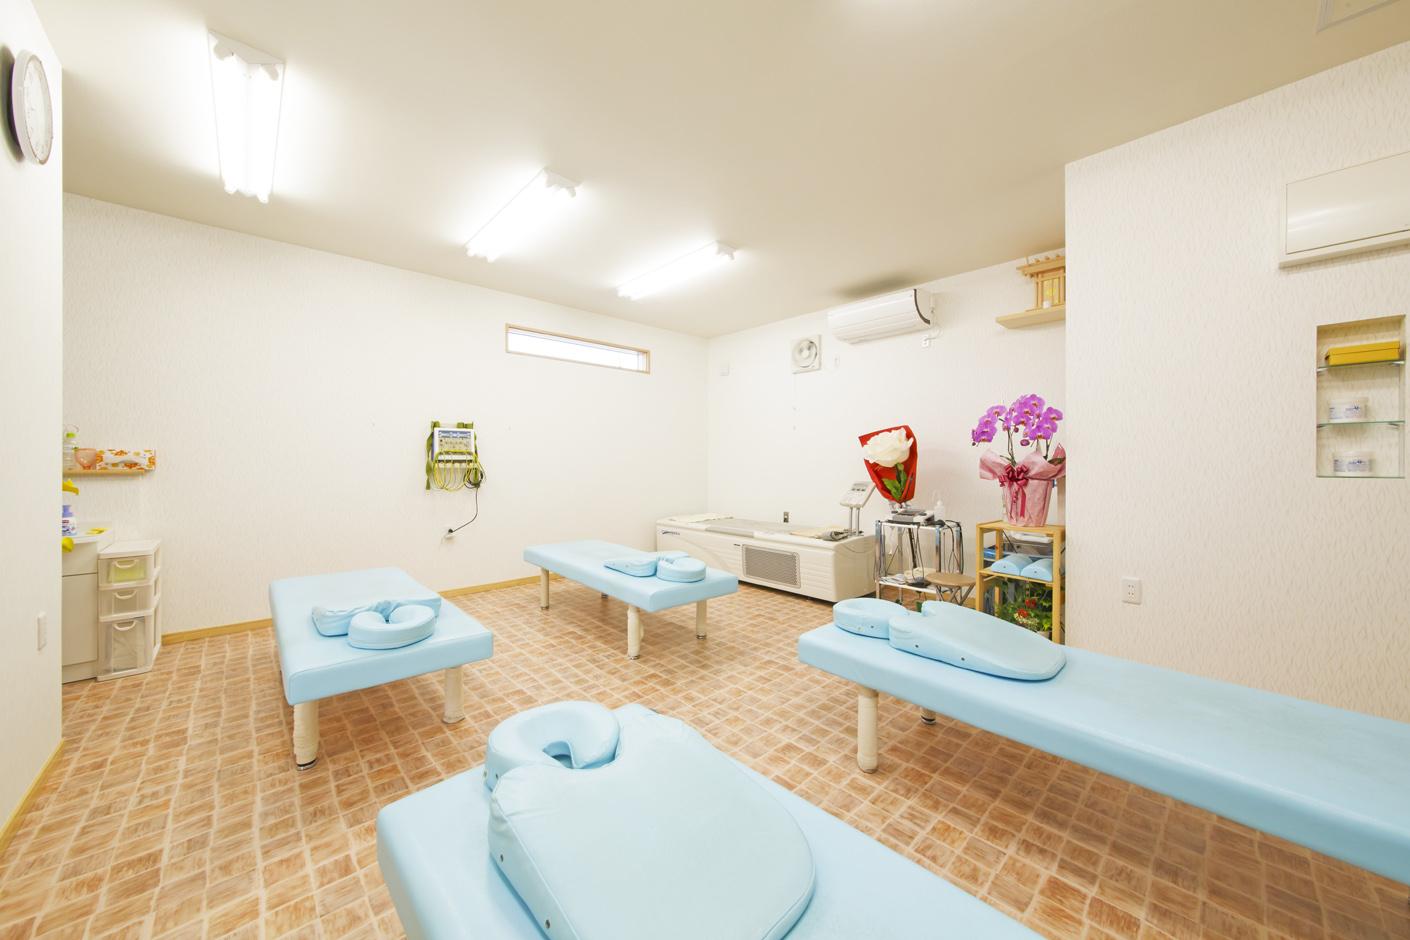 丸昇彦坂建設【デザイン住宅、間取り、インテリア】清潔感あふれる接骨院スペース。明るく開放感がありながら、落ち着いて施術を受けられると好評だ